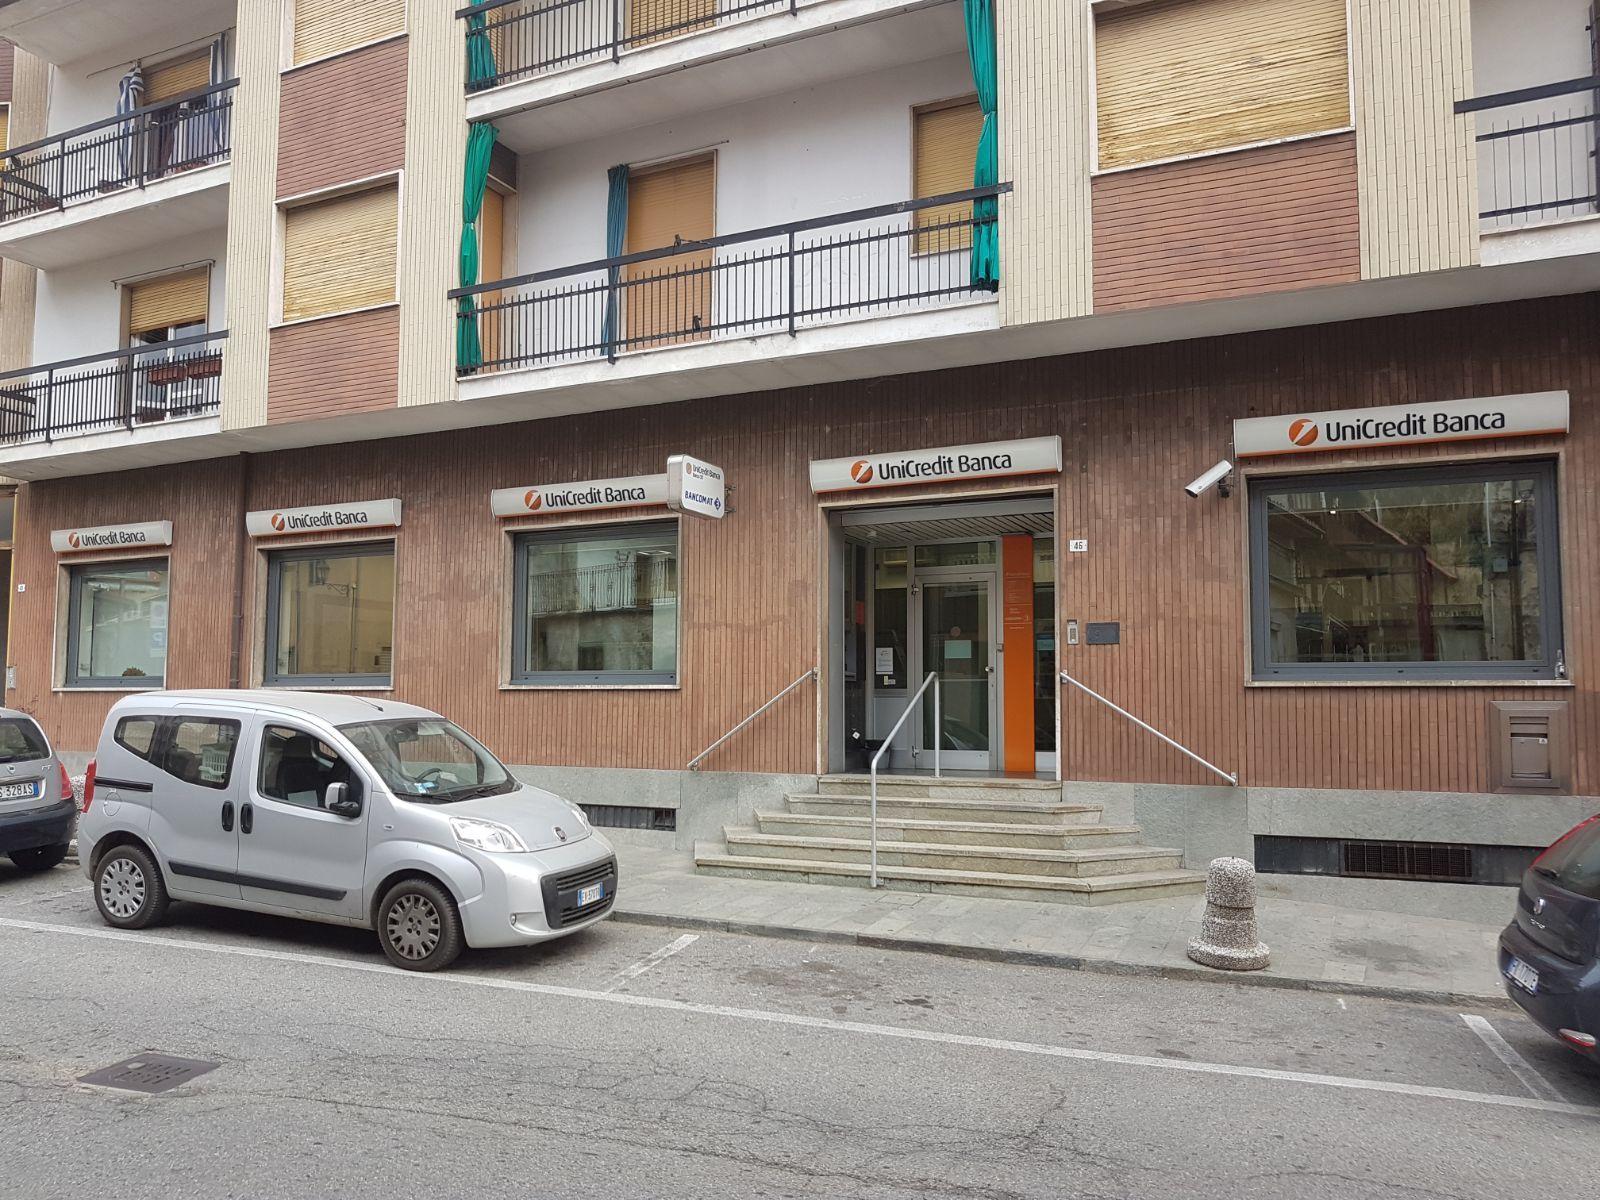 VALPERGA - Unicredit chiude il servizio di cassa dell'unica banca